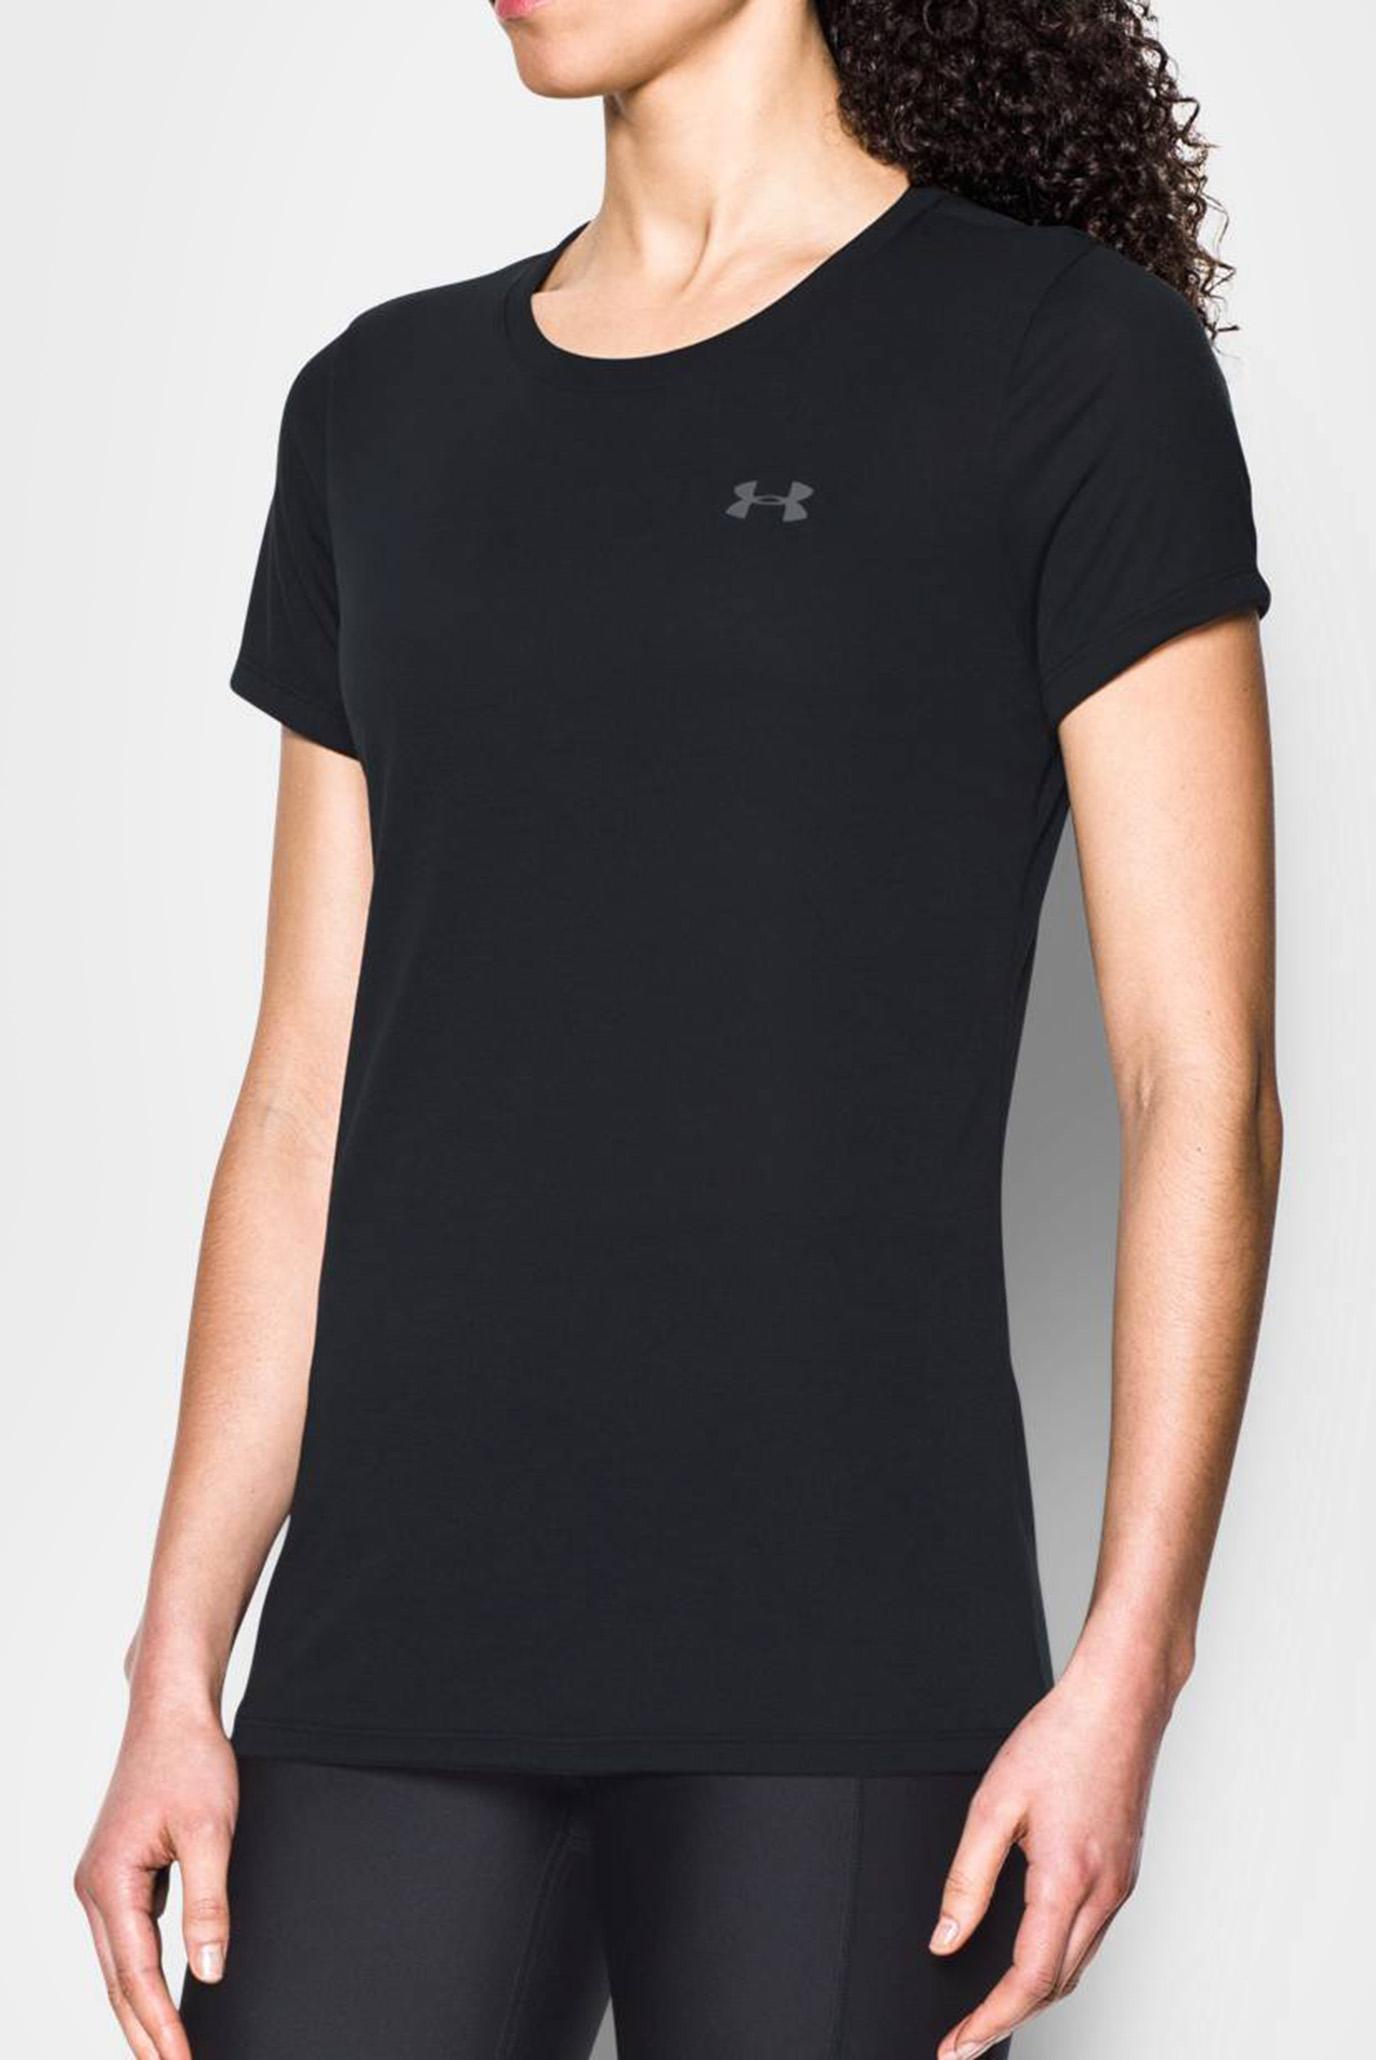 Купить Женская черная футболка Threadborne Train SSC Under Armour Under Armour 1290181-001 – Киев, Украина. Цены в интернет магазине MD Fashion